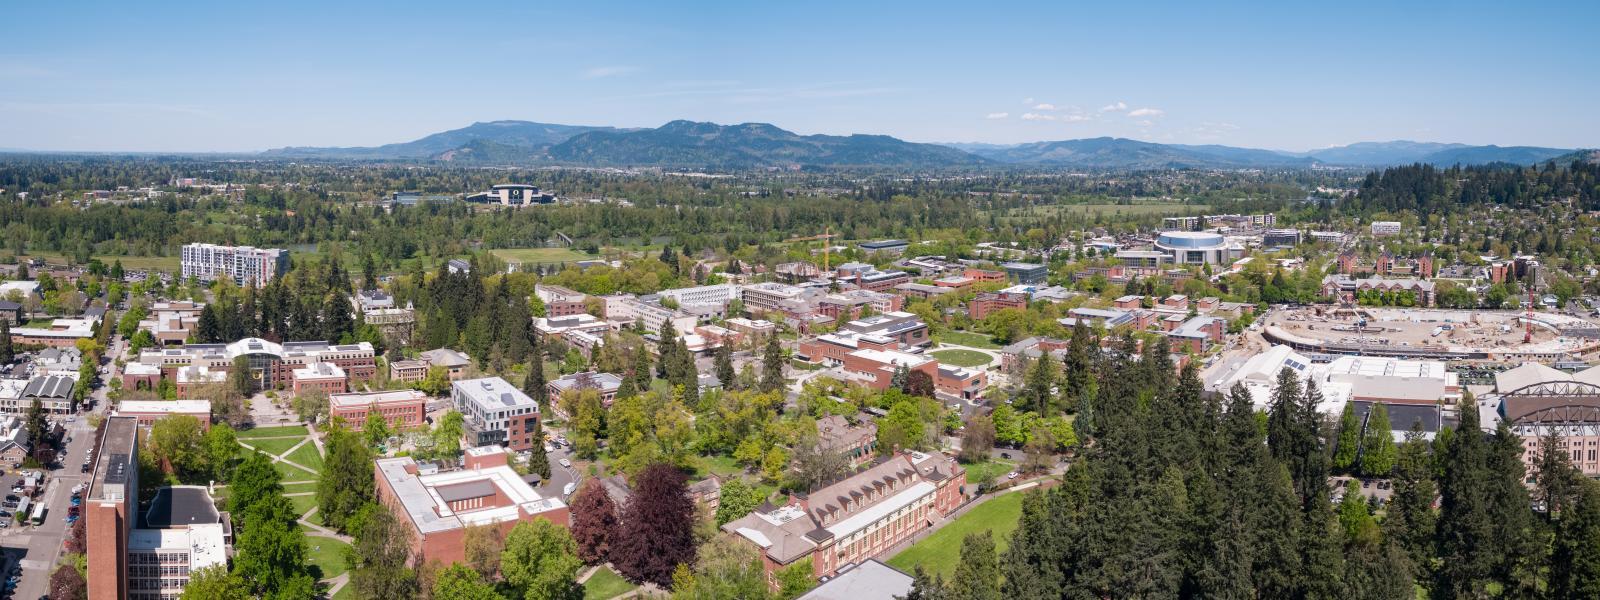 aerial photo of UO campus